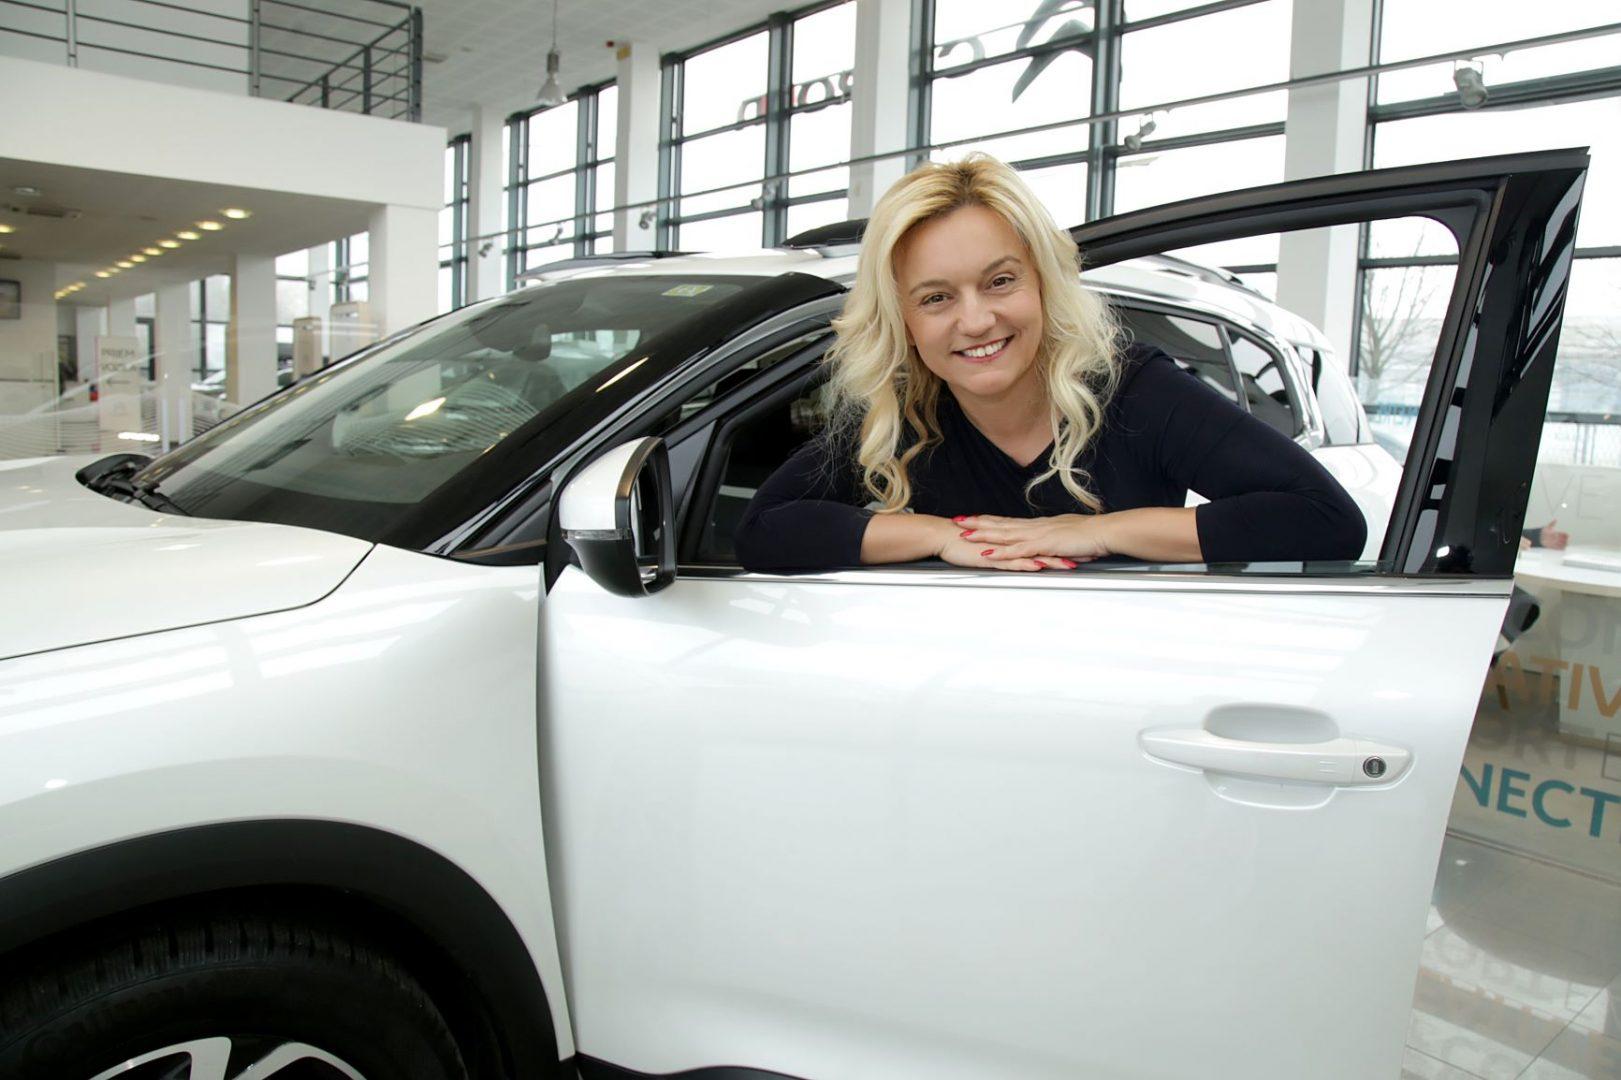 Službena marka vozila žena u poduzetništvu – članica Ženskog poduzetničkog centra je Citroën